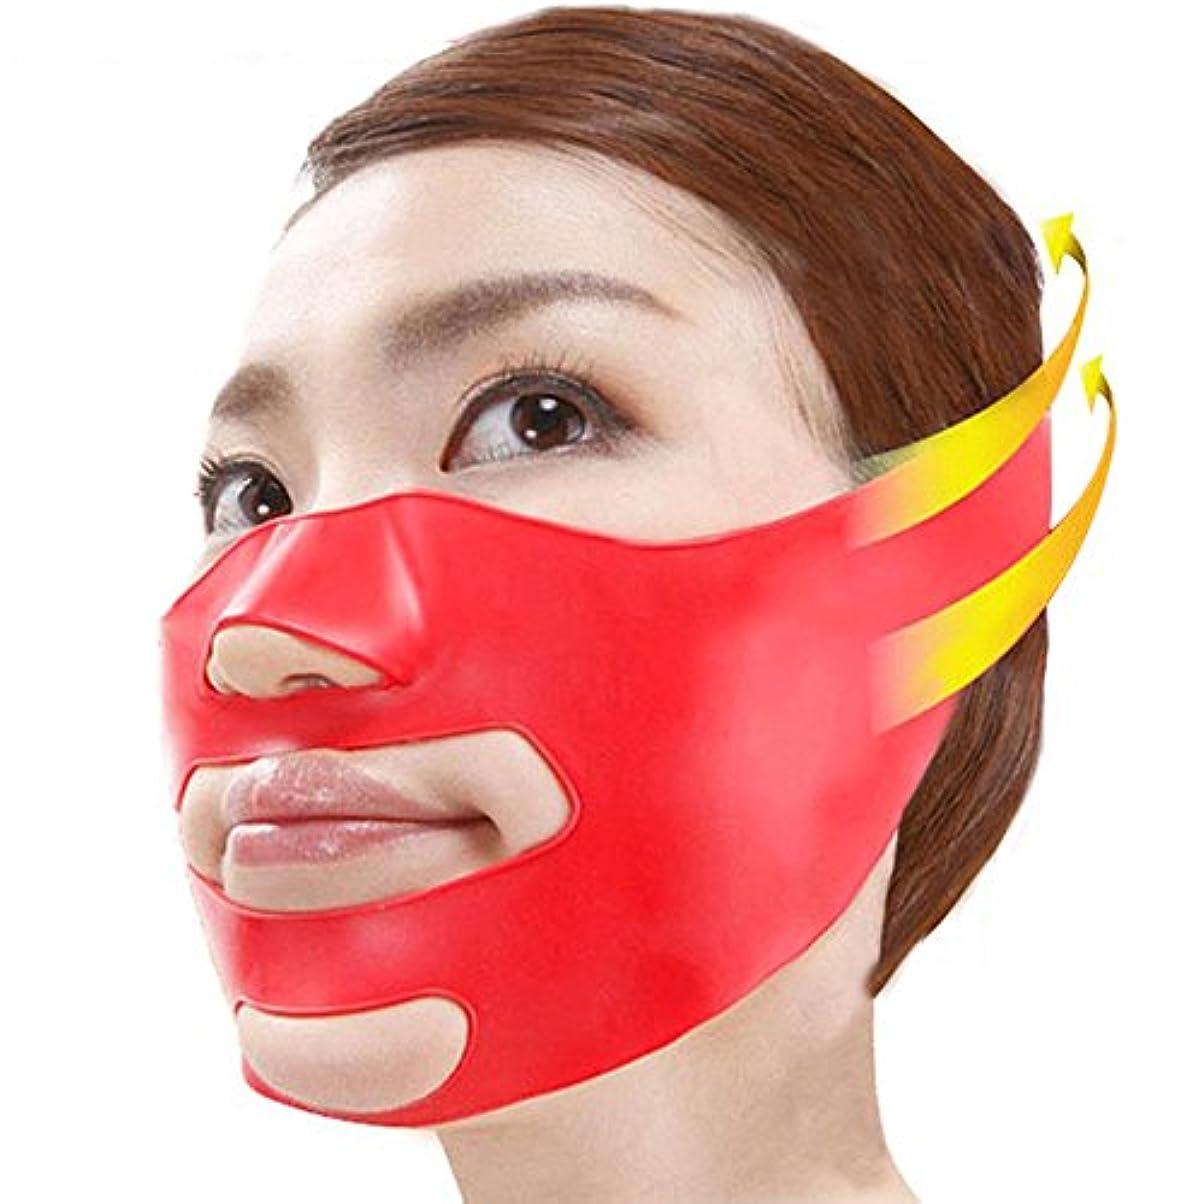 くるみ歴史トレイル3D 小顔 マッサージグッズ フェイスマスク 美容 顔痩せ ほうれい線 消す グッズ 美顔 矯正 (フリーサイズ, レッド)